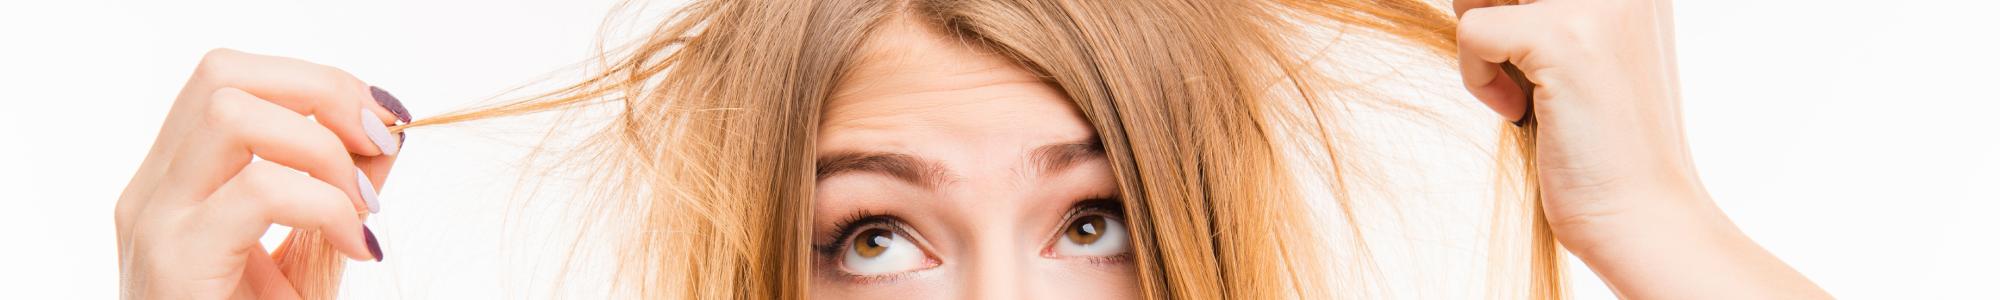 Shampoings et soins naturels biologiques pour cheveux fins